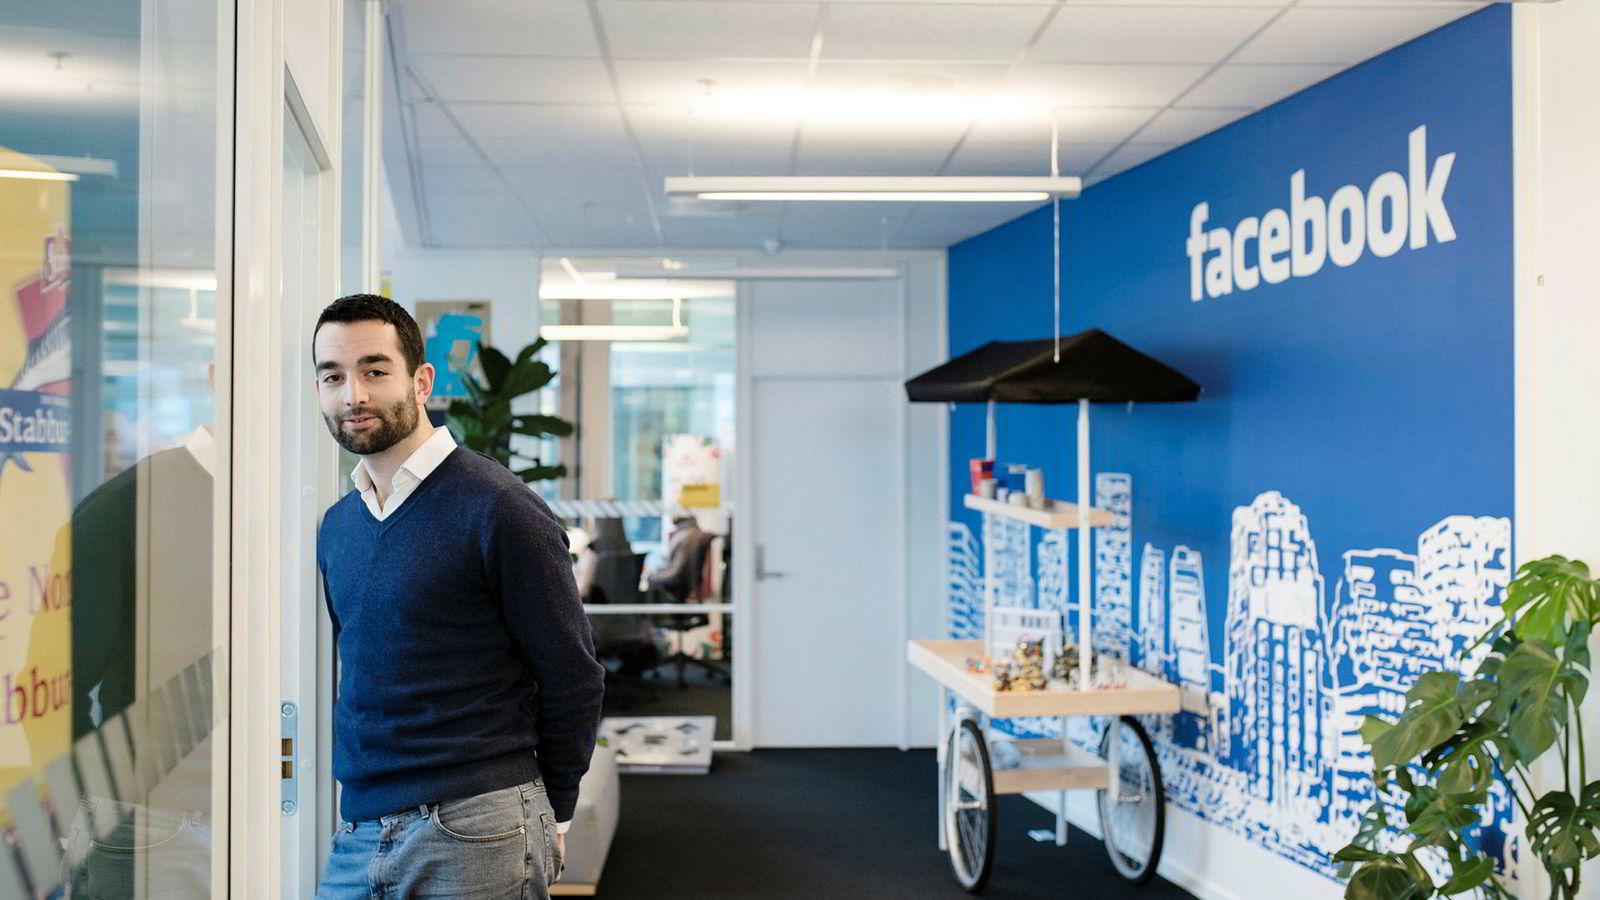 Facebook ruller nå ut ekstern faktasjekk på sin plattform i Norge i samarbeid med Faktisk.no. John Severinson, leder for strategiske mediepartnerskap i Norden, er glad for å ha faktasjekkerne om bord.